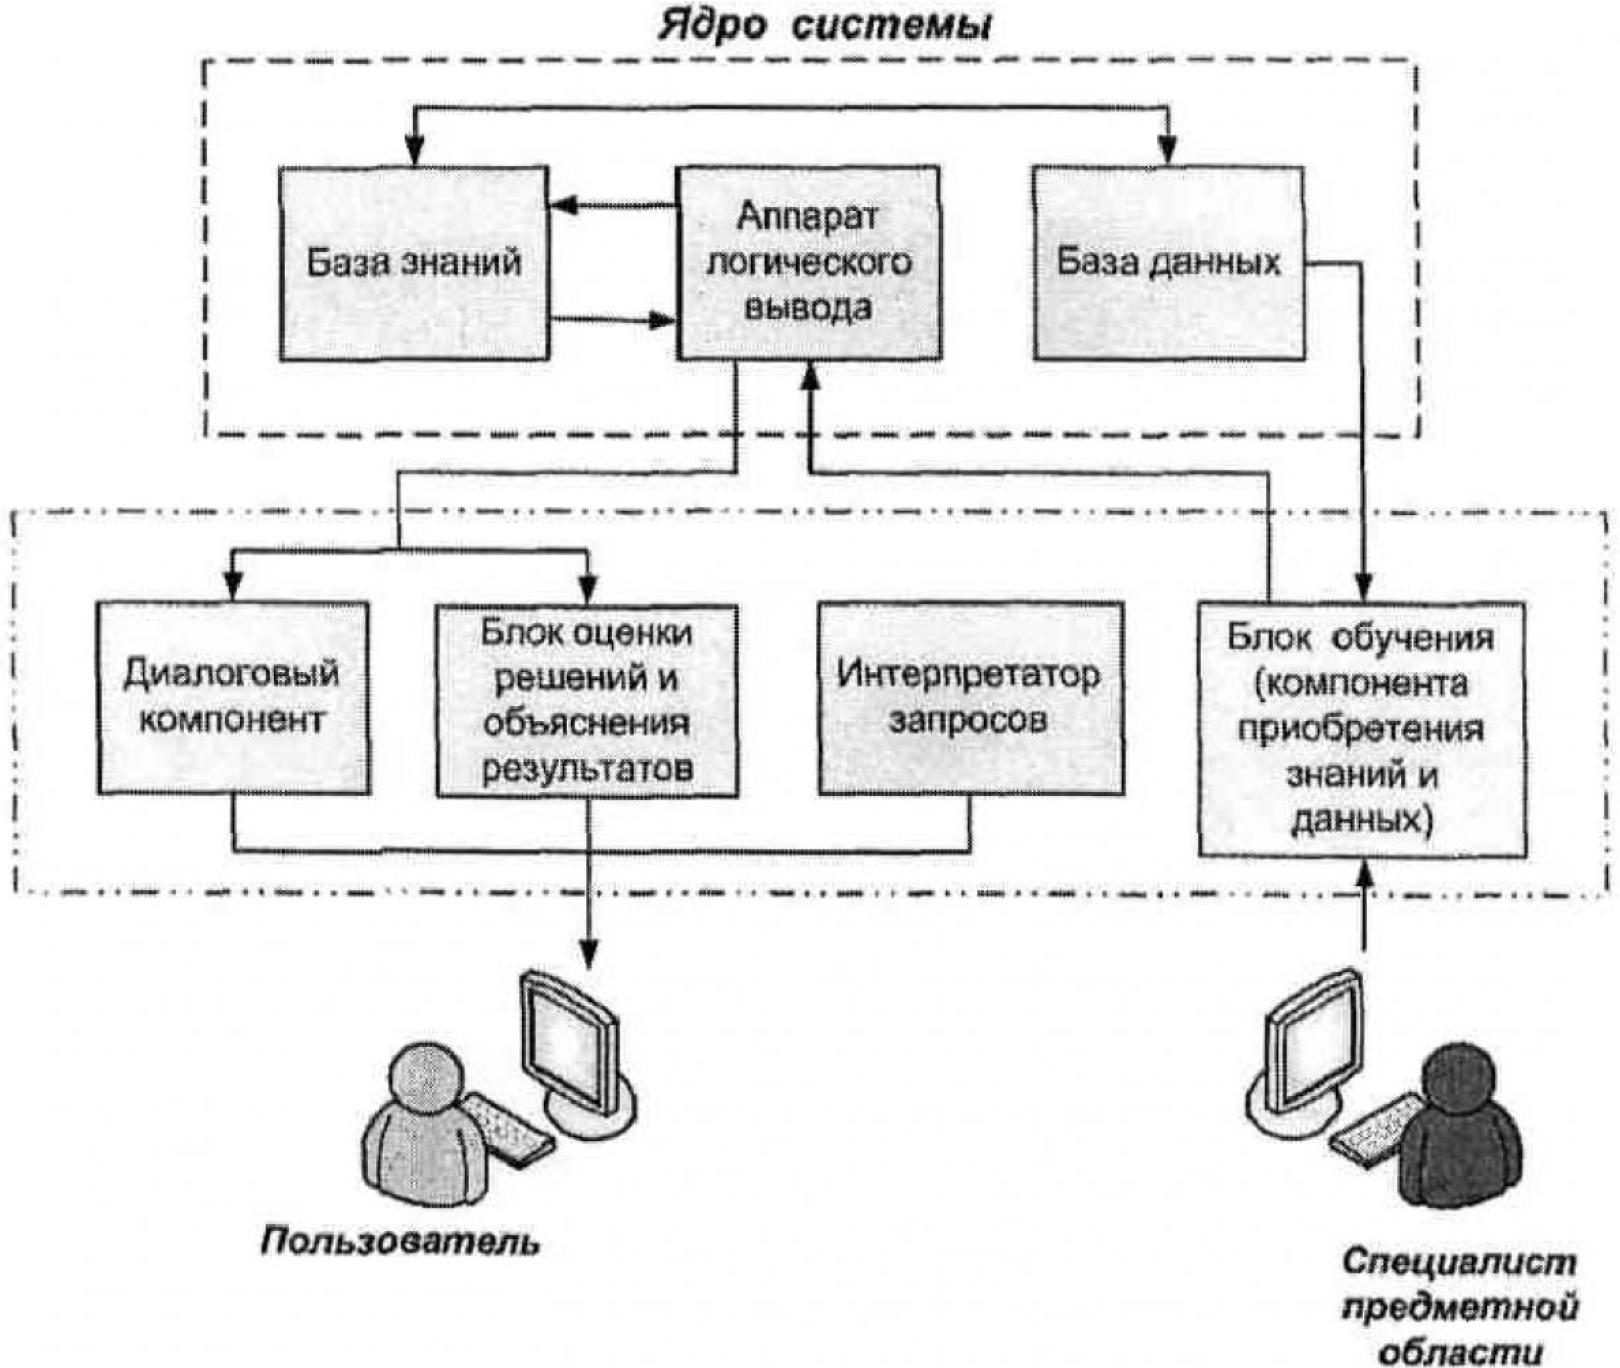 Формирование системы информационного обеспечения интегрированного производственного комплекса 6